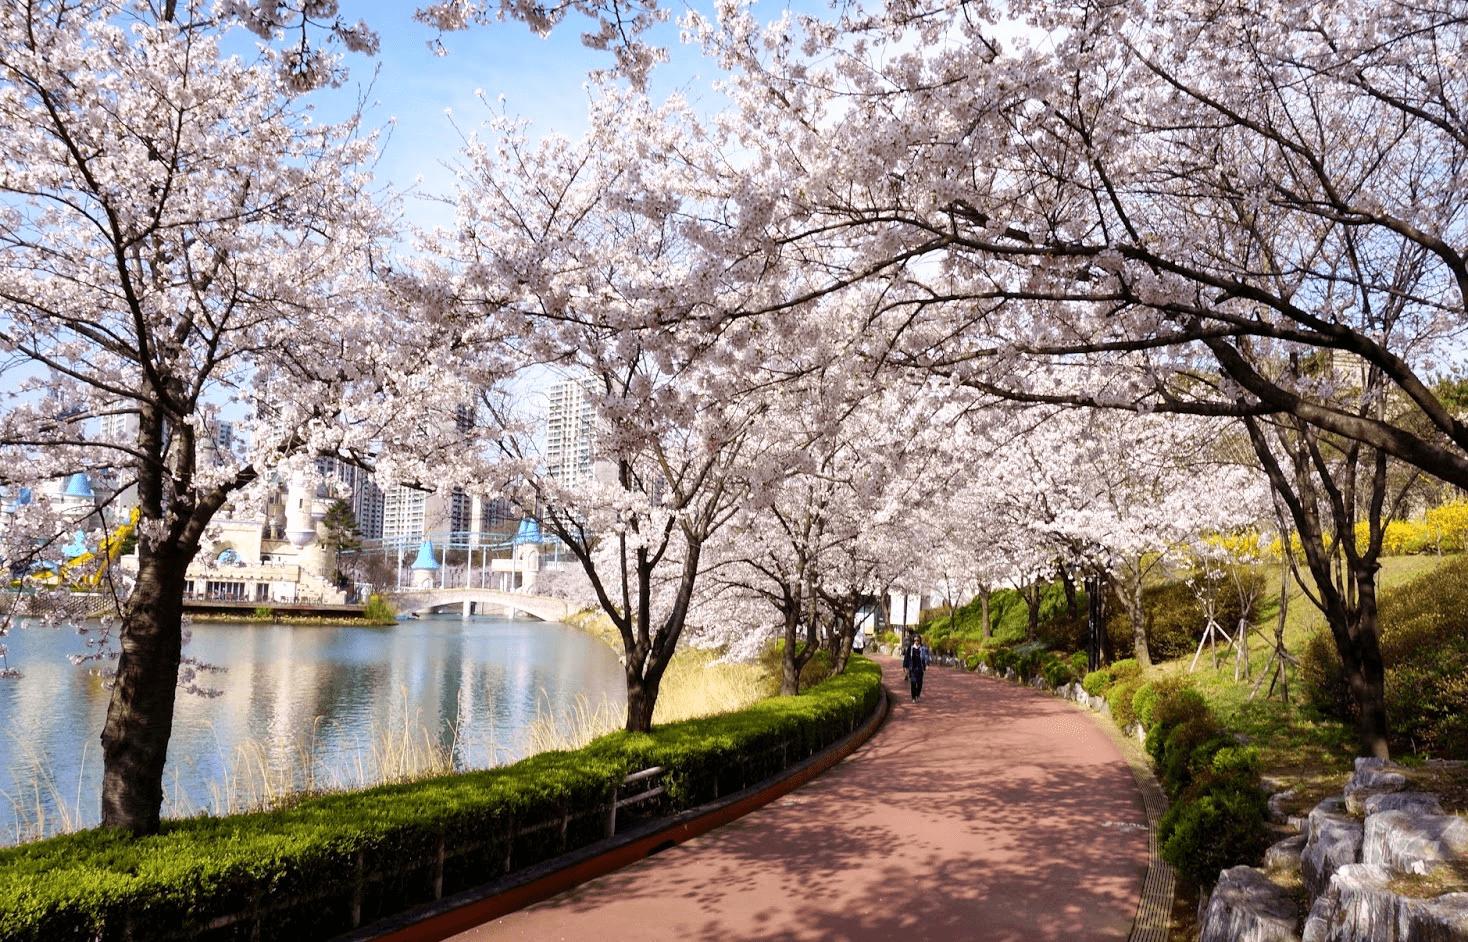 seokcheon lake cherry blossom